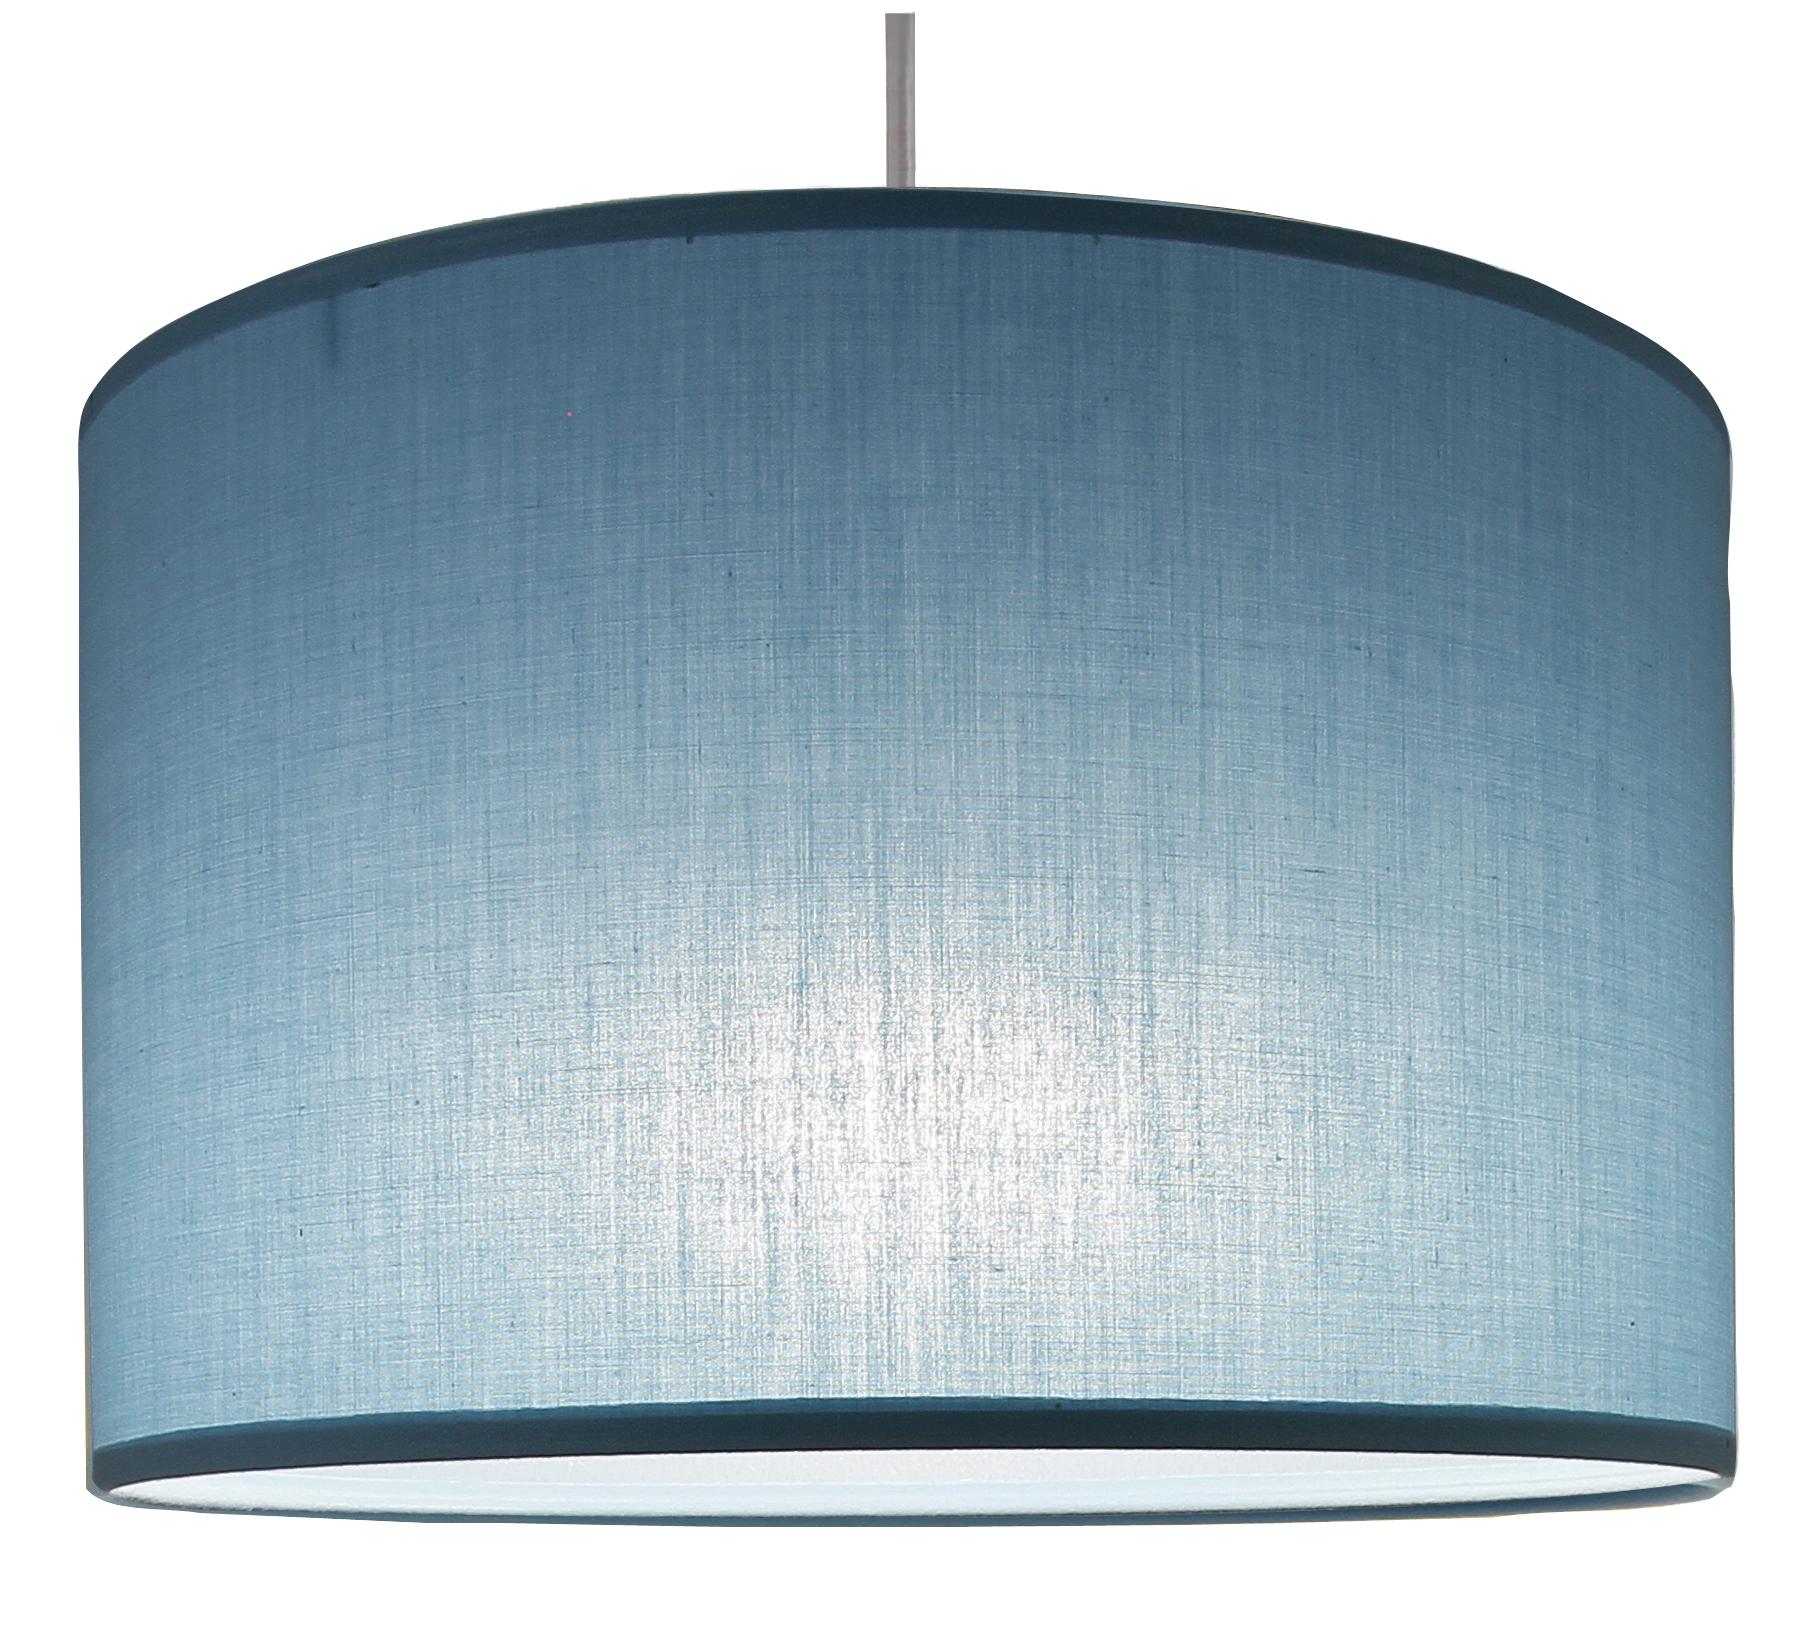 Suspension cylindre bleu baltique transparent, 29 cm